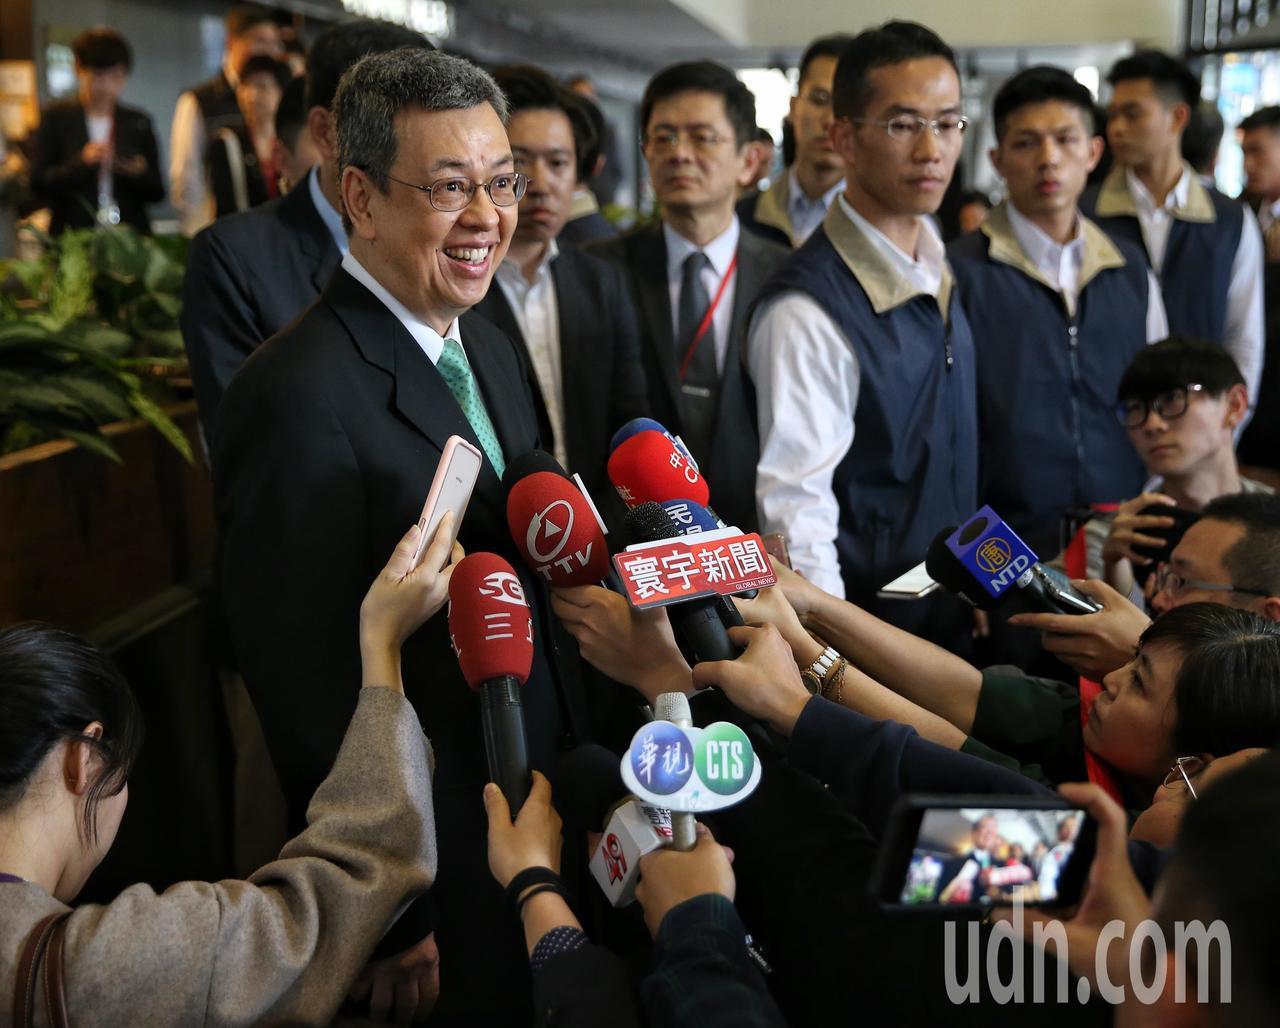 副總統陳建仁今天出席中央通訊社社慶,活動前接受媒體訪問。記者鄭清元/攝影